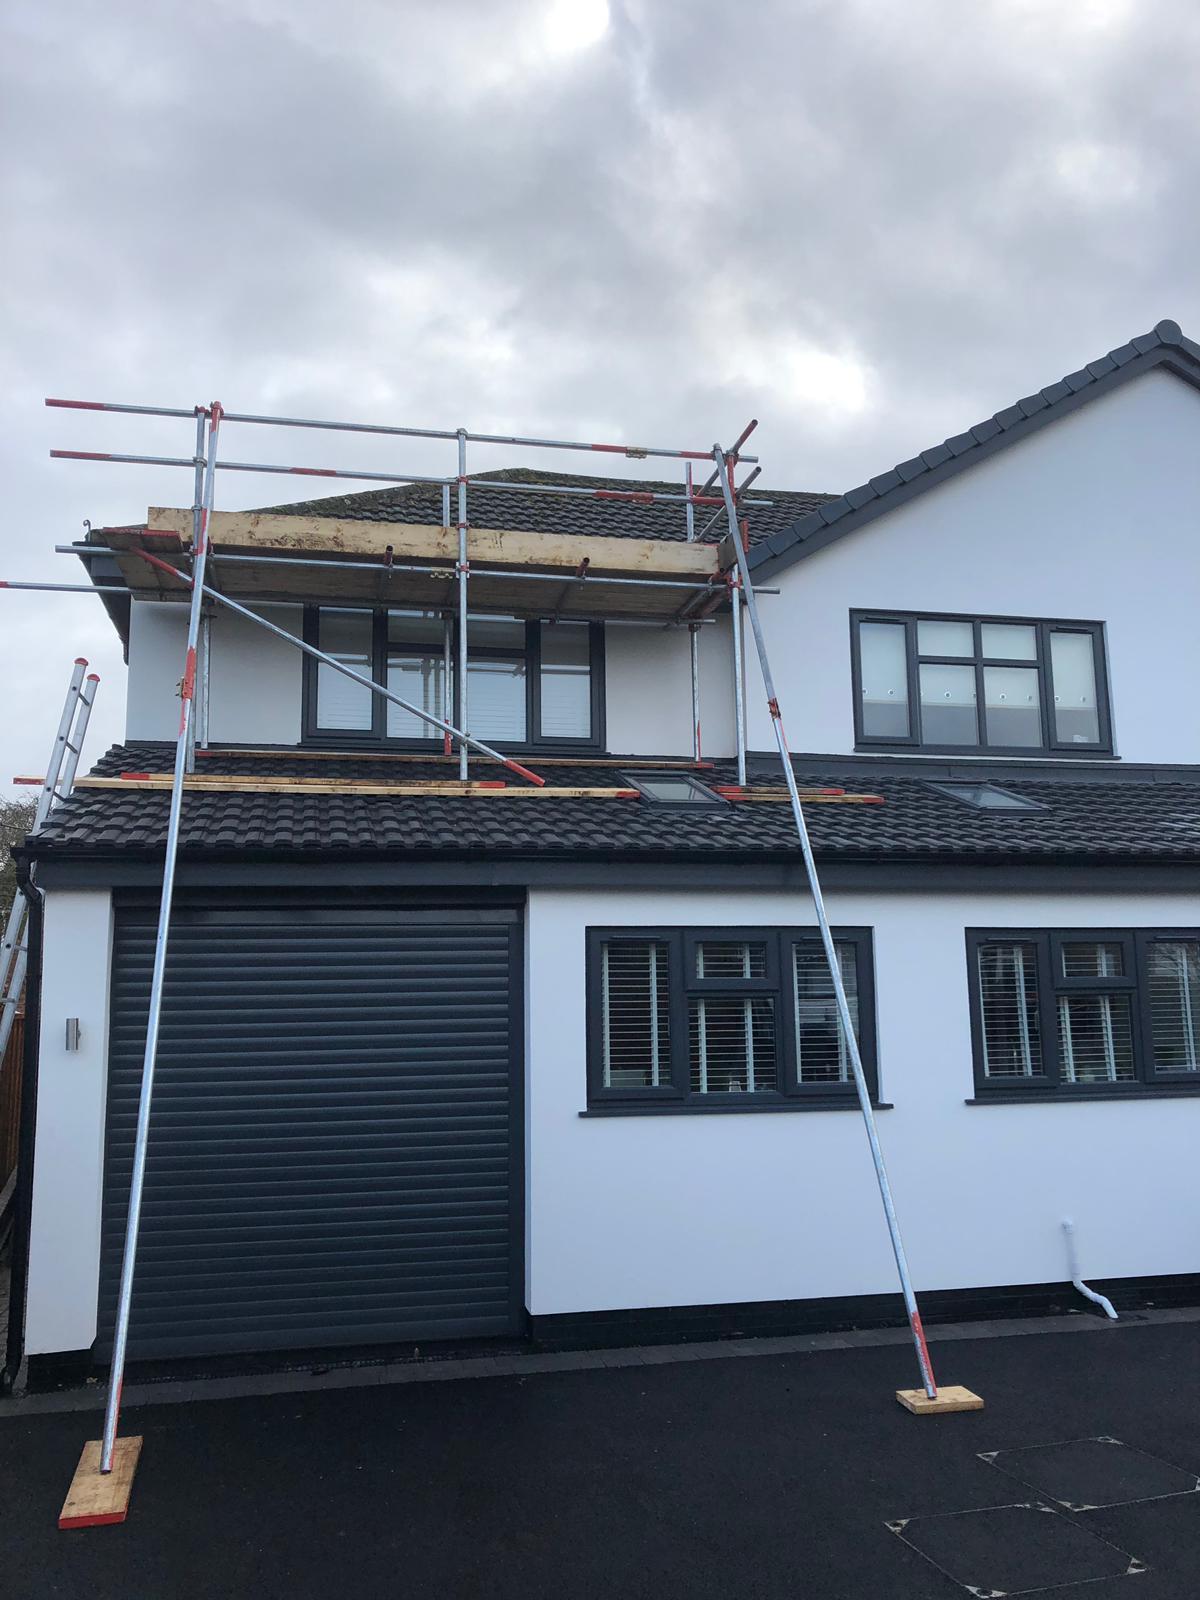 birmingham scaffolding